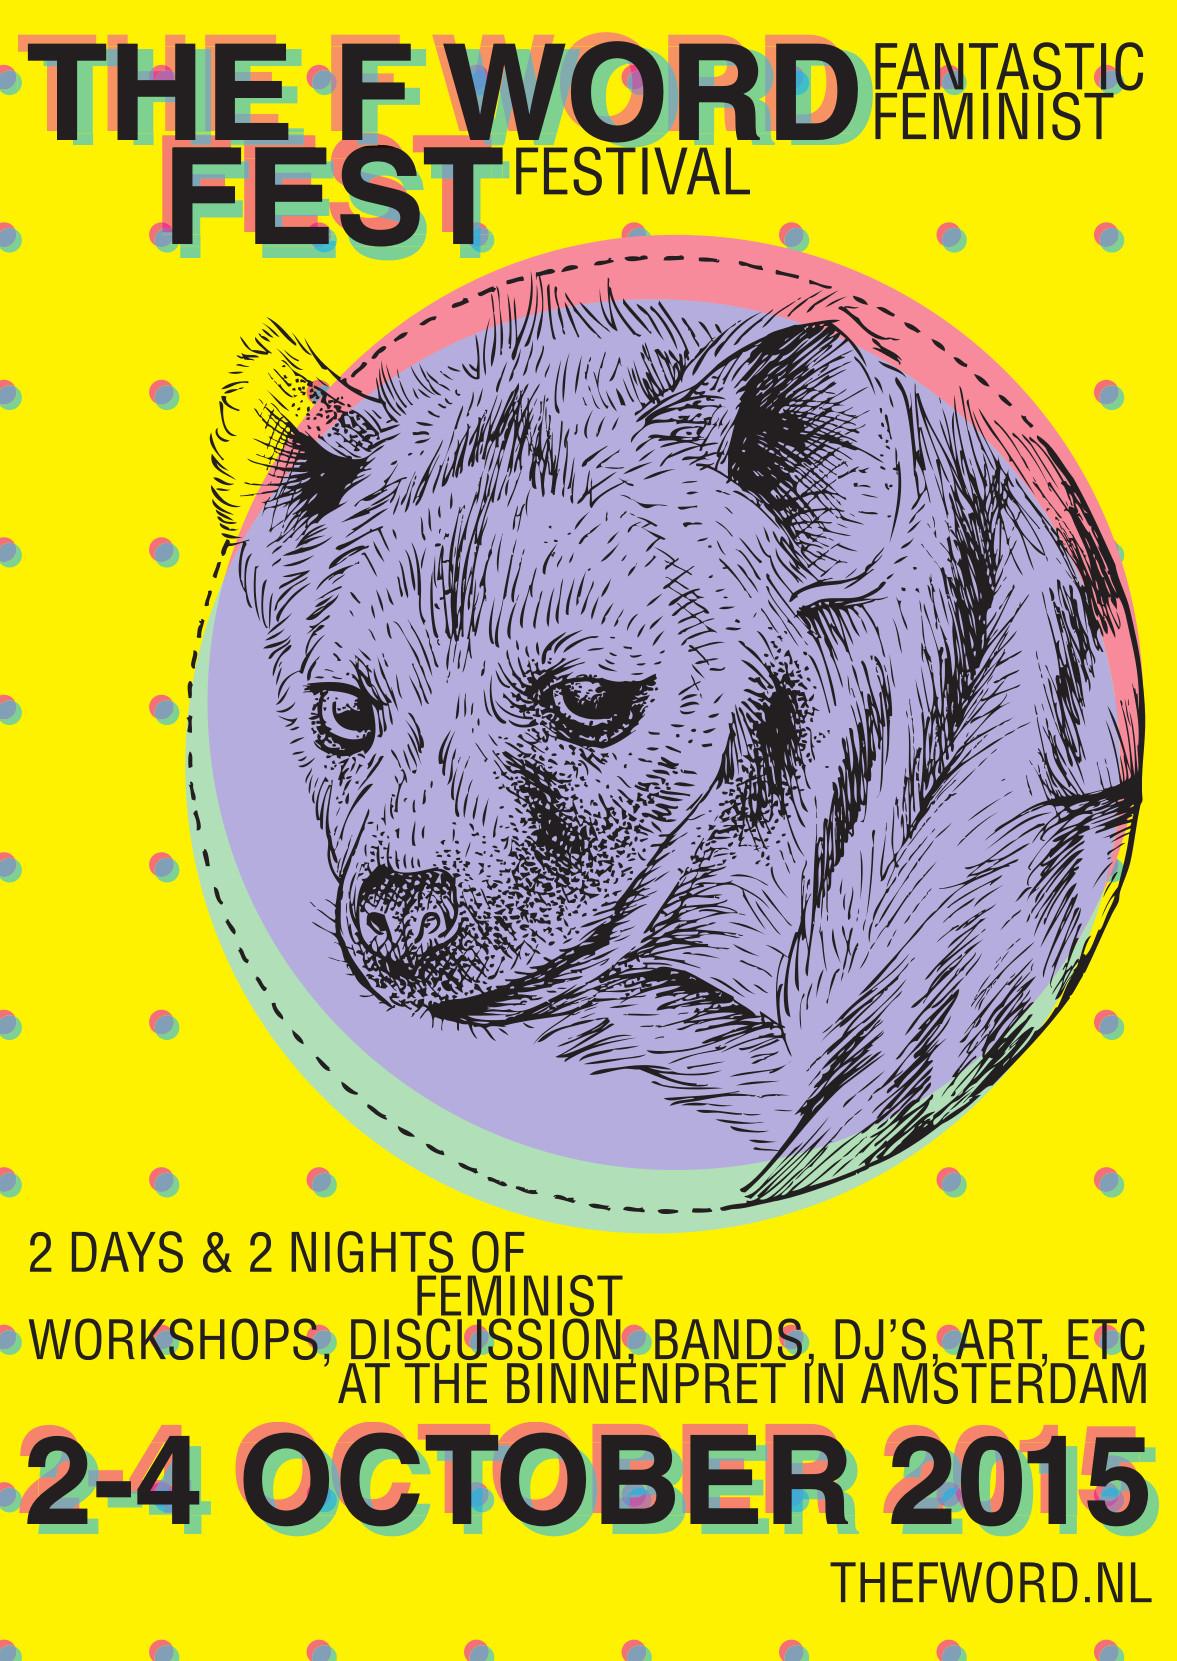 The F-WORD FEST -w/ PETZE (de) + LAWINE + MOMMA SWIFT (uk) + DJ's by DJ Workshops For Women! + Femi-oke